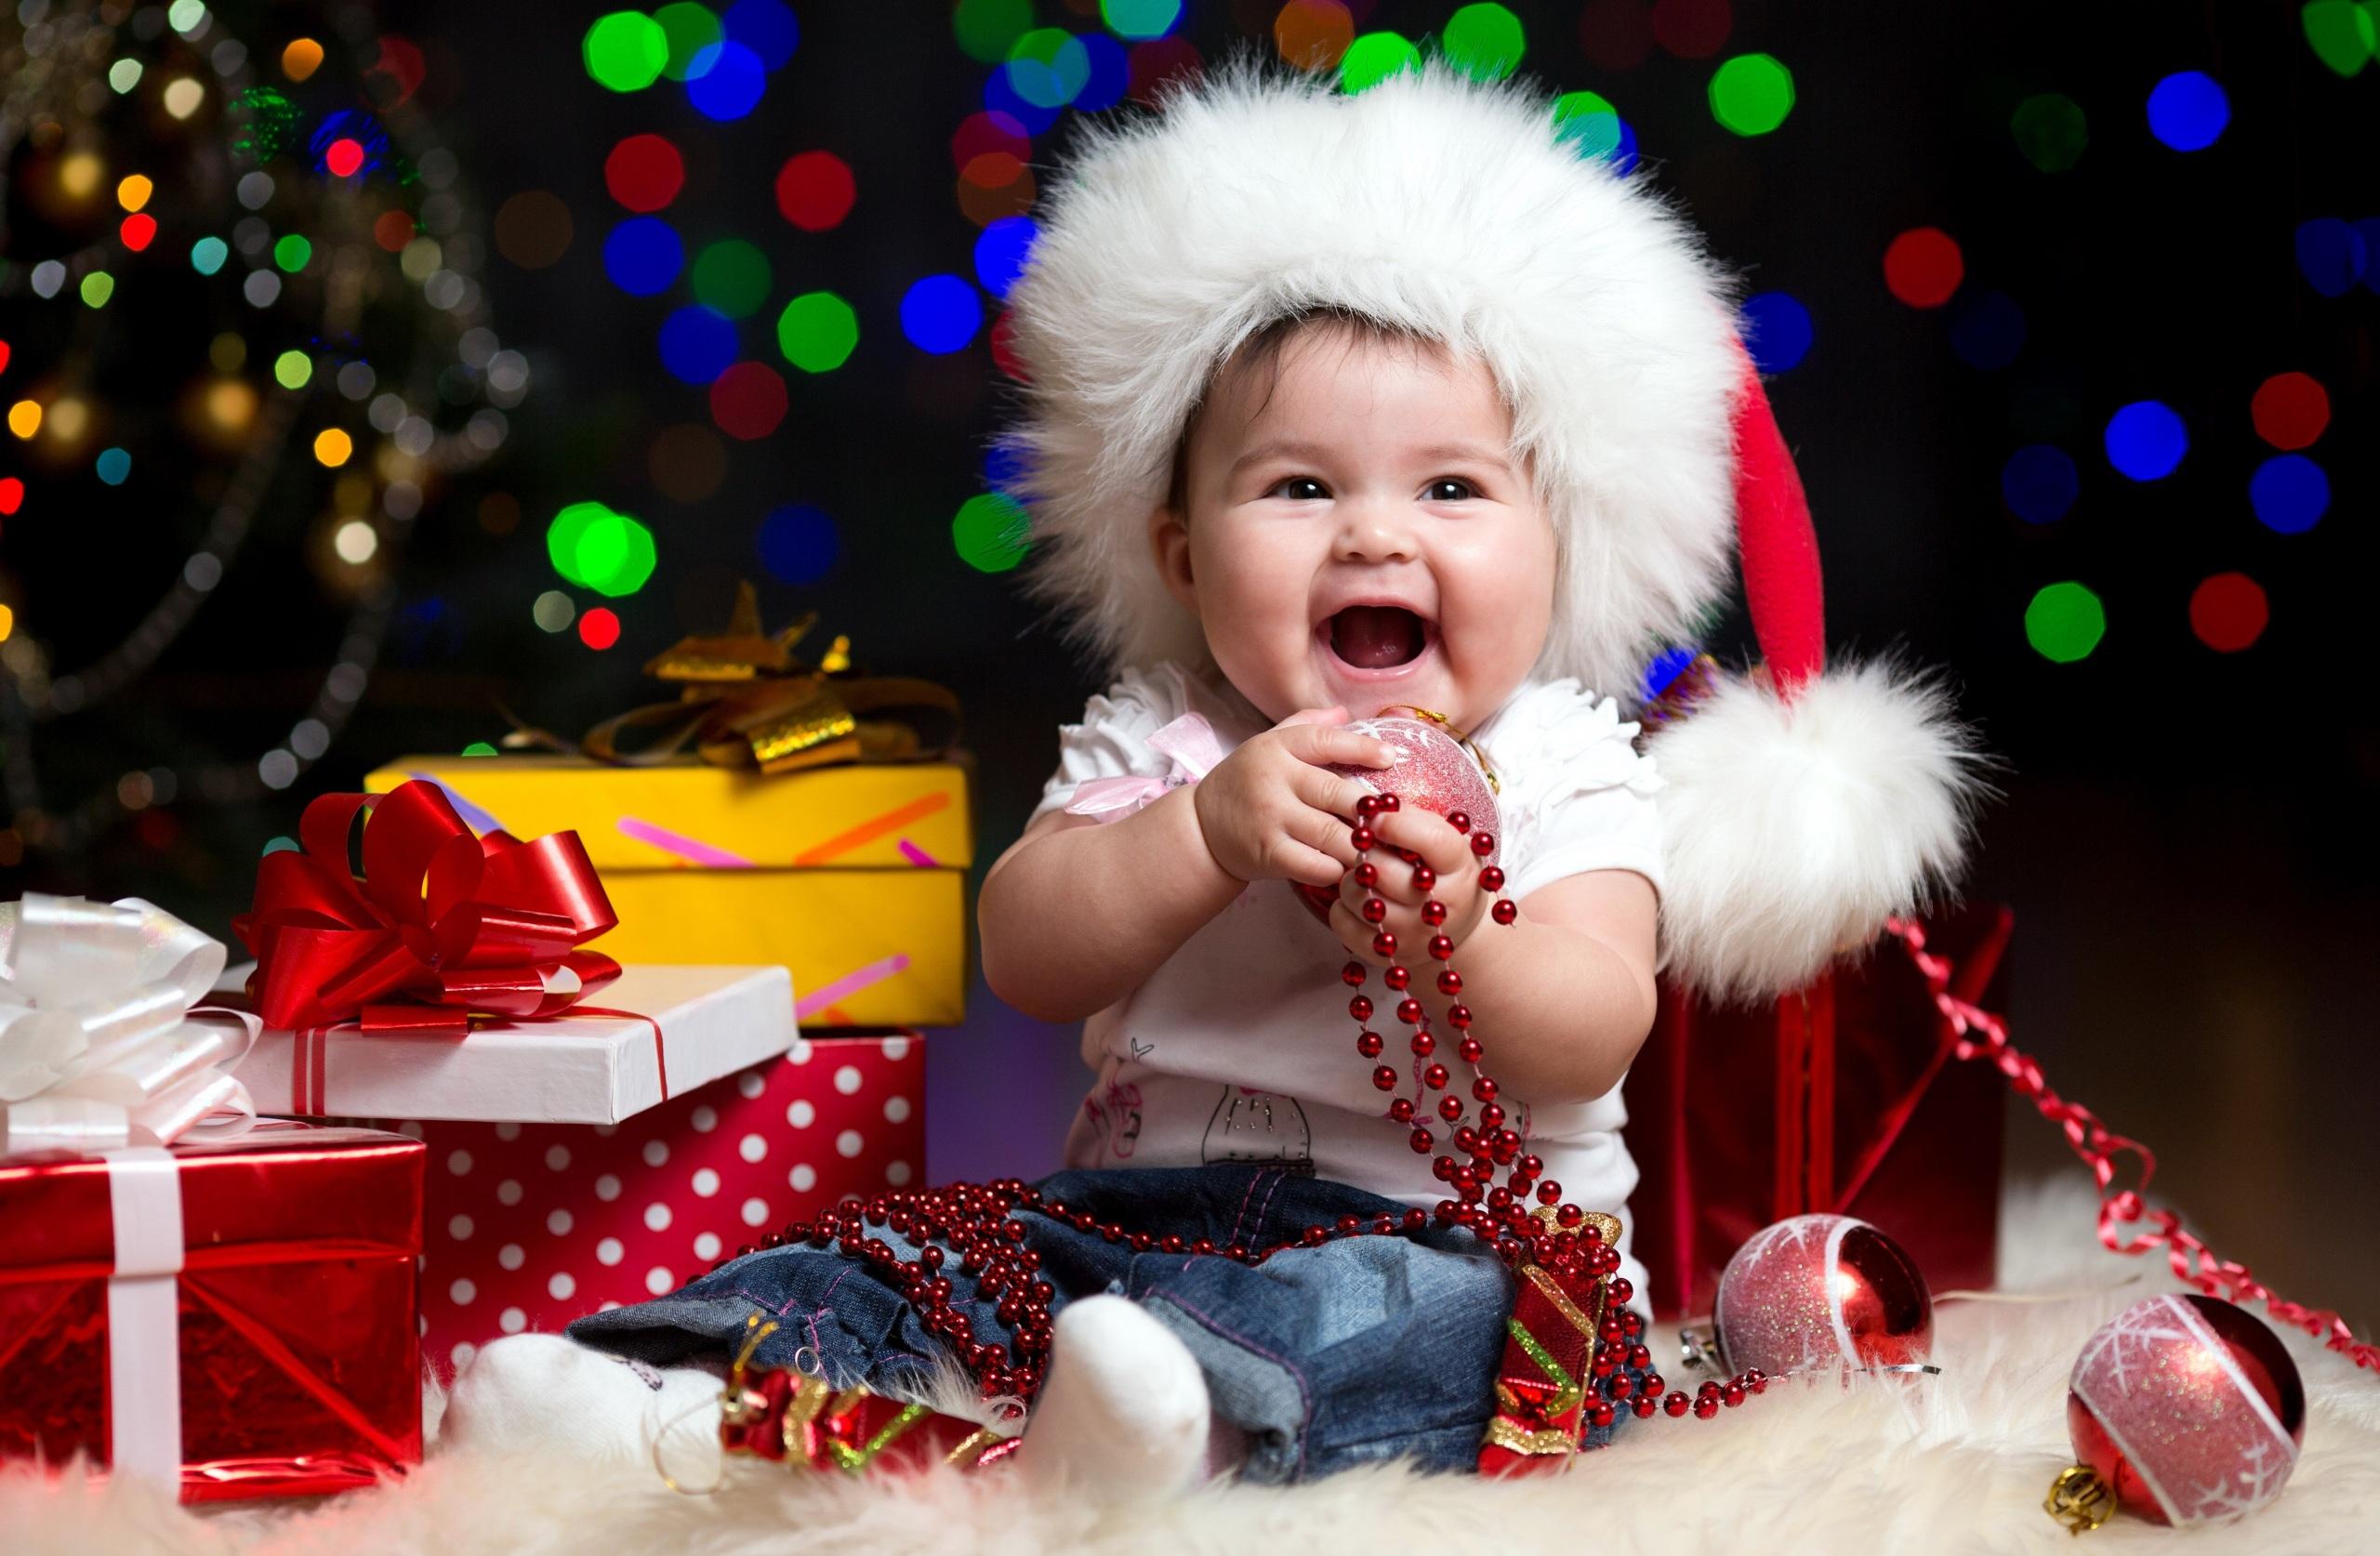 Фотография грудной ребёнок Рождество Радость Дети Шапки подарков бант Сидит Шарики 2560x1674 младенца младенец Младенцы Новый год счастье счастливые Ребёнок шапка в шапке Подарки подарок Шар сидя Бантик сидящие бантики